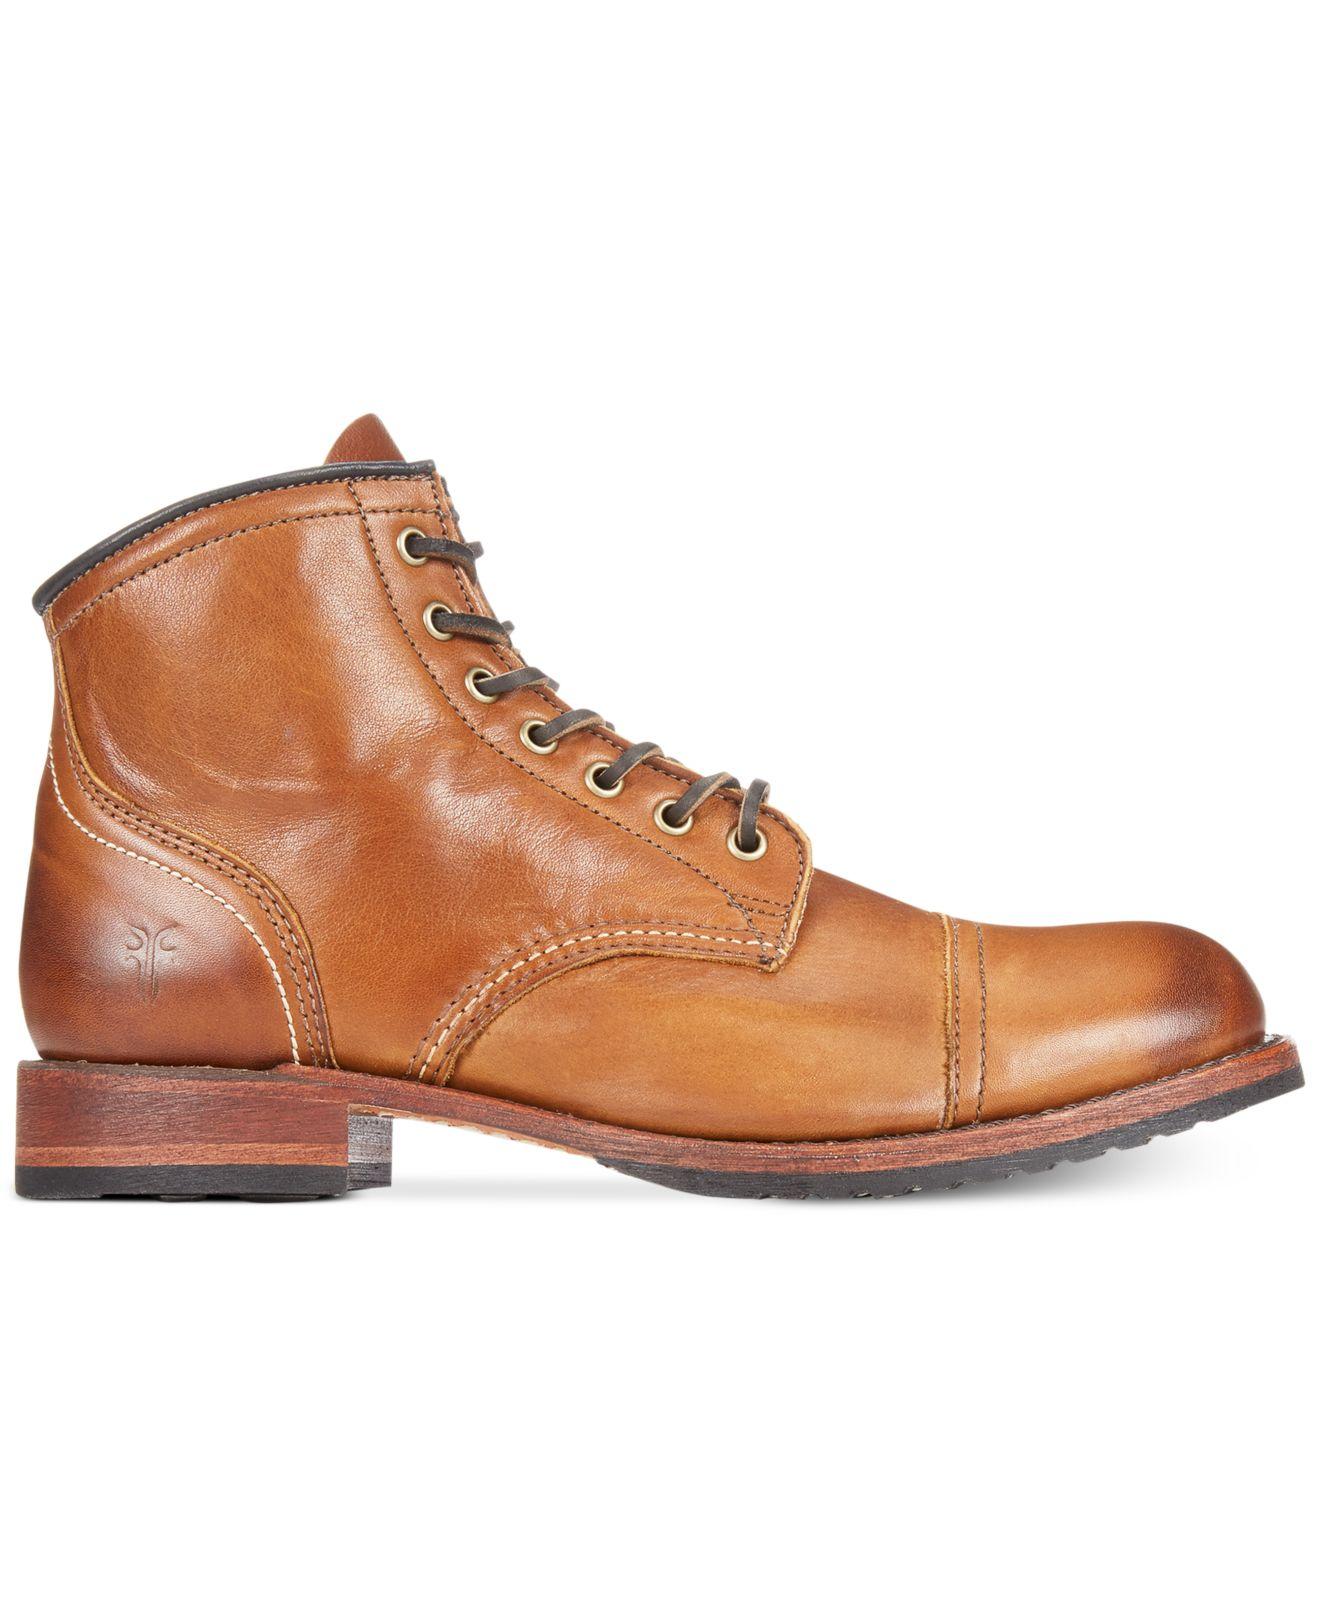 b1cac5dae38 Frye Brown Logan Cap Toe Boots for men